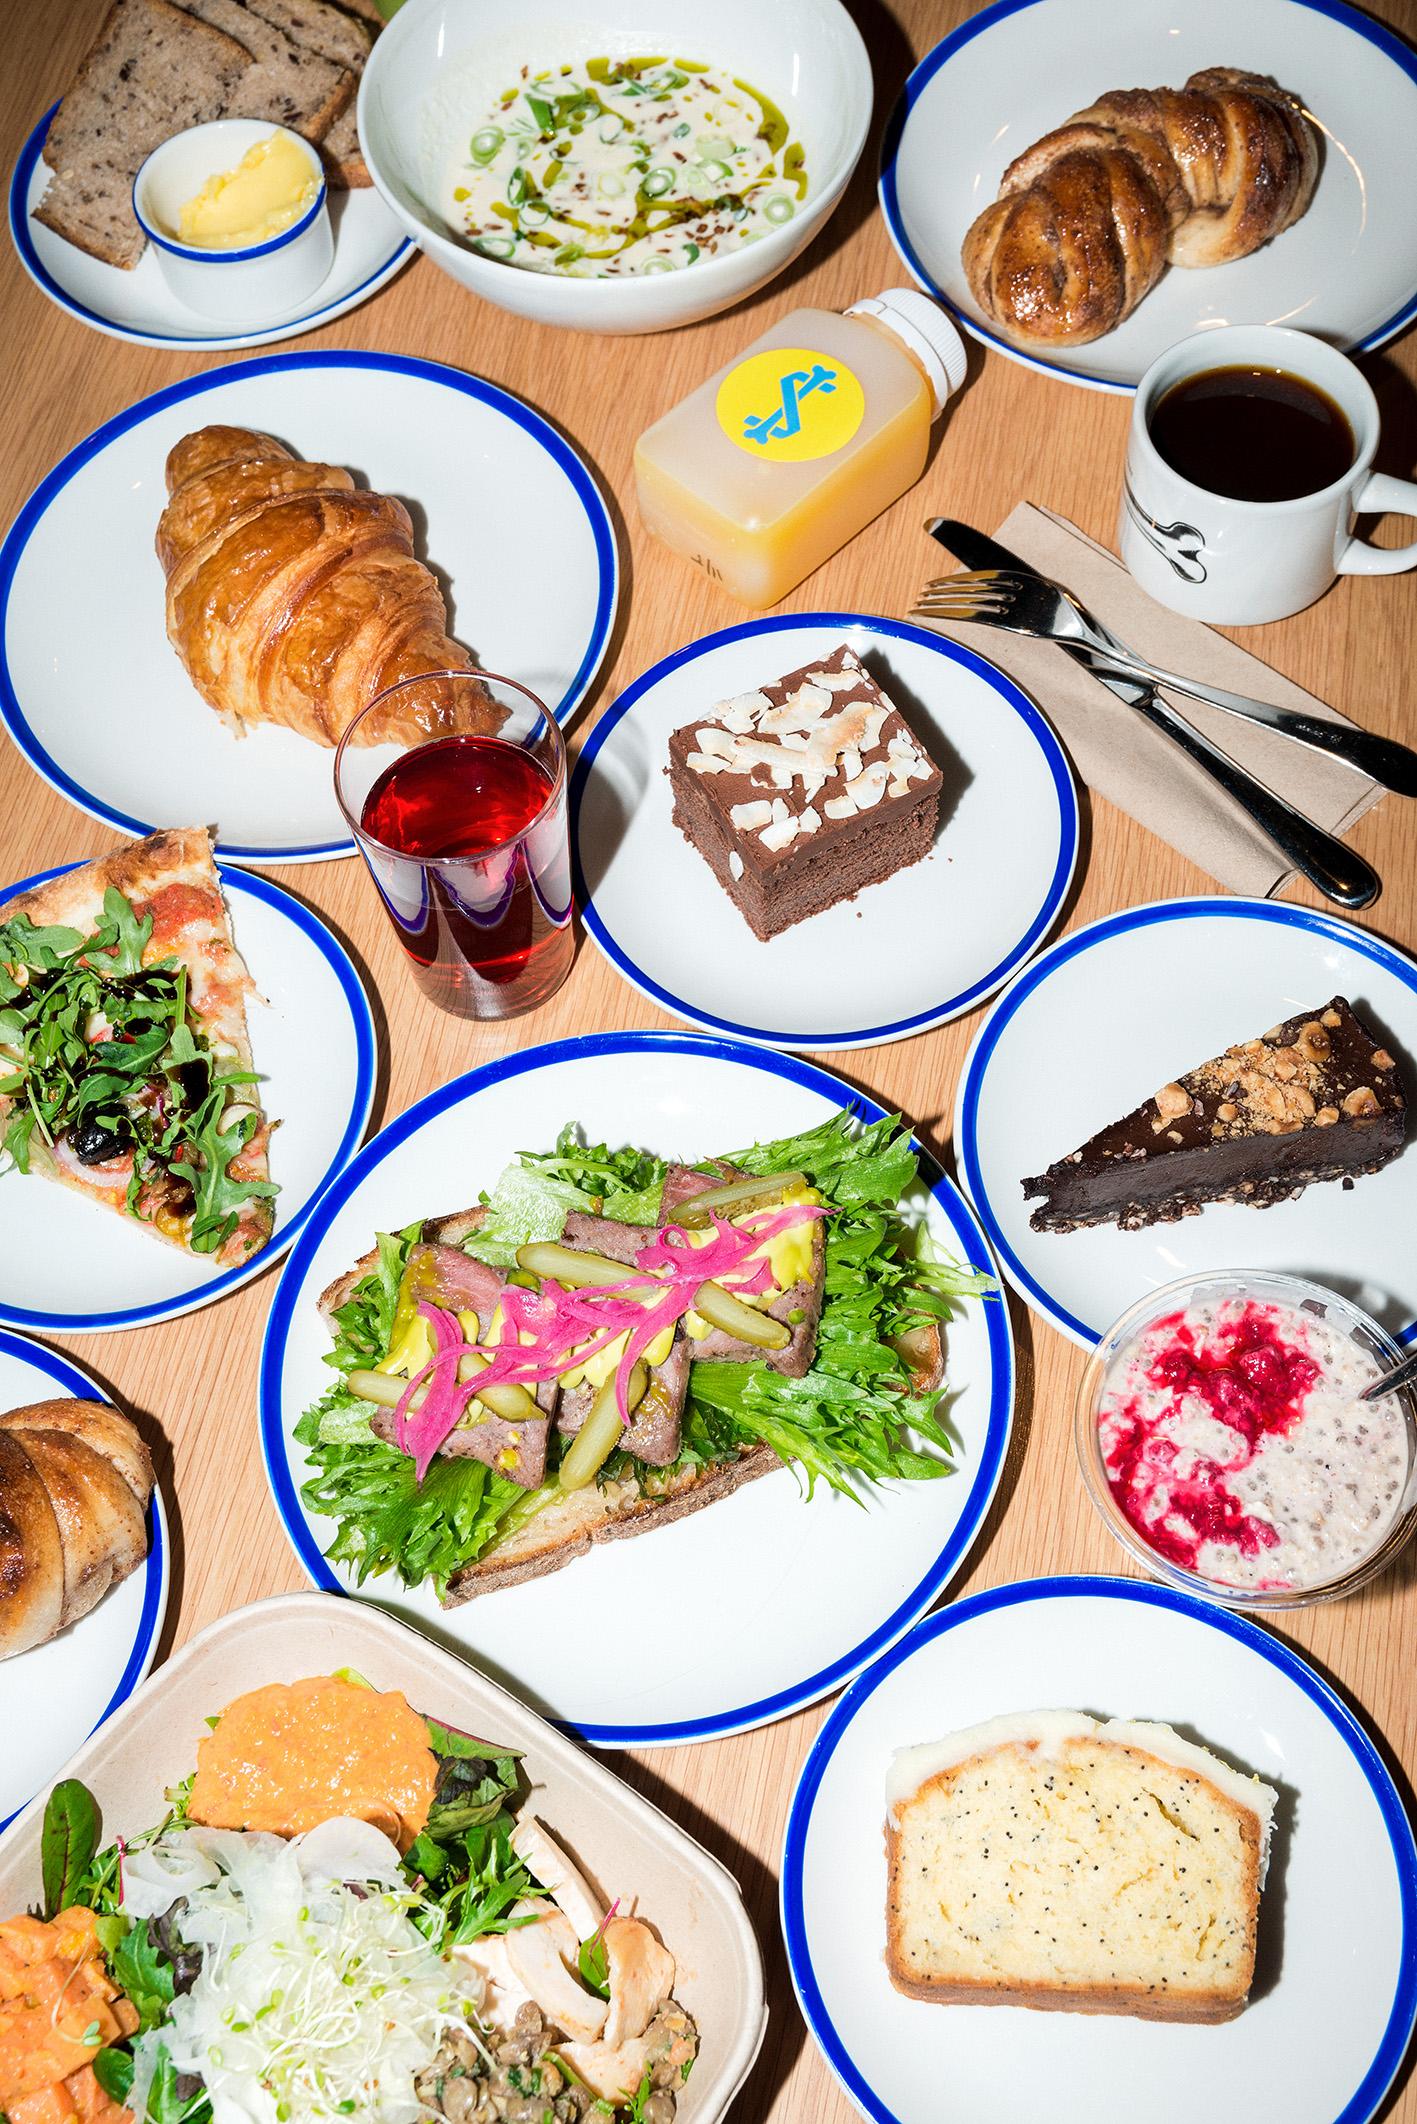 Sentralen-kafe-oslo-diverse mat_lower_res.jpg